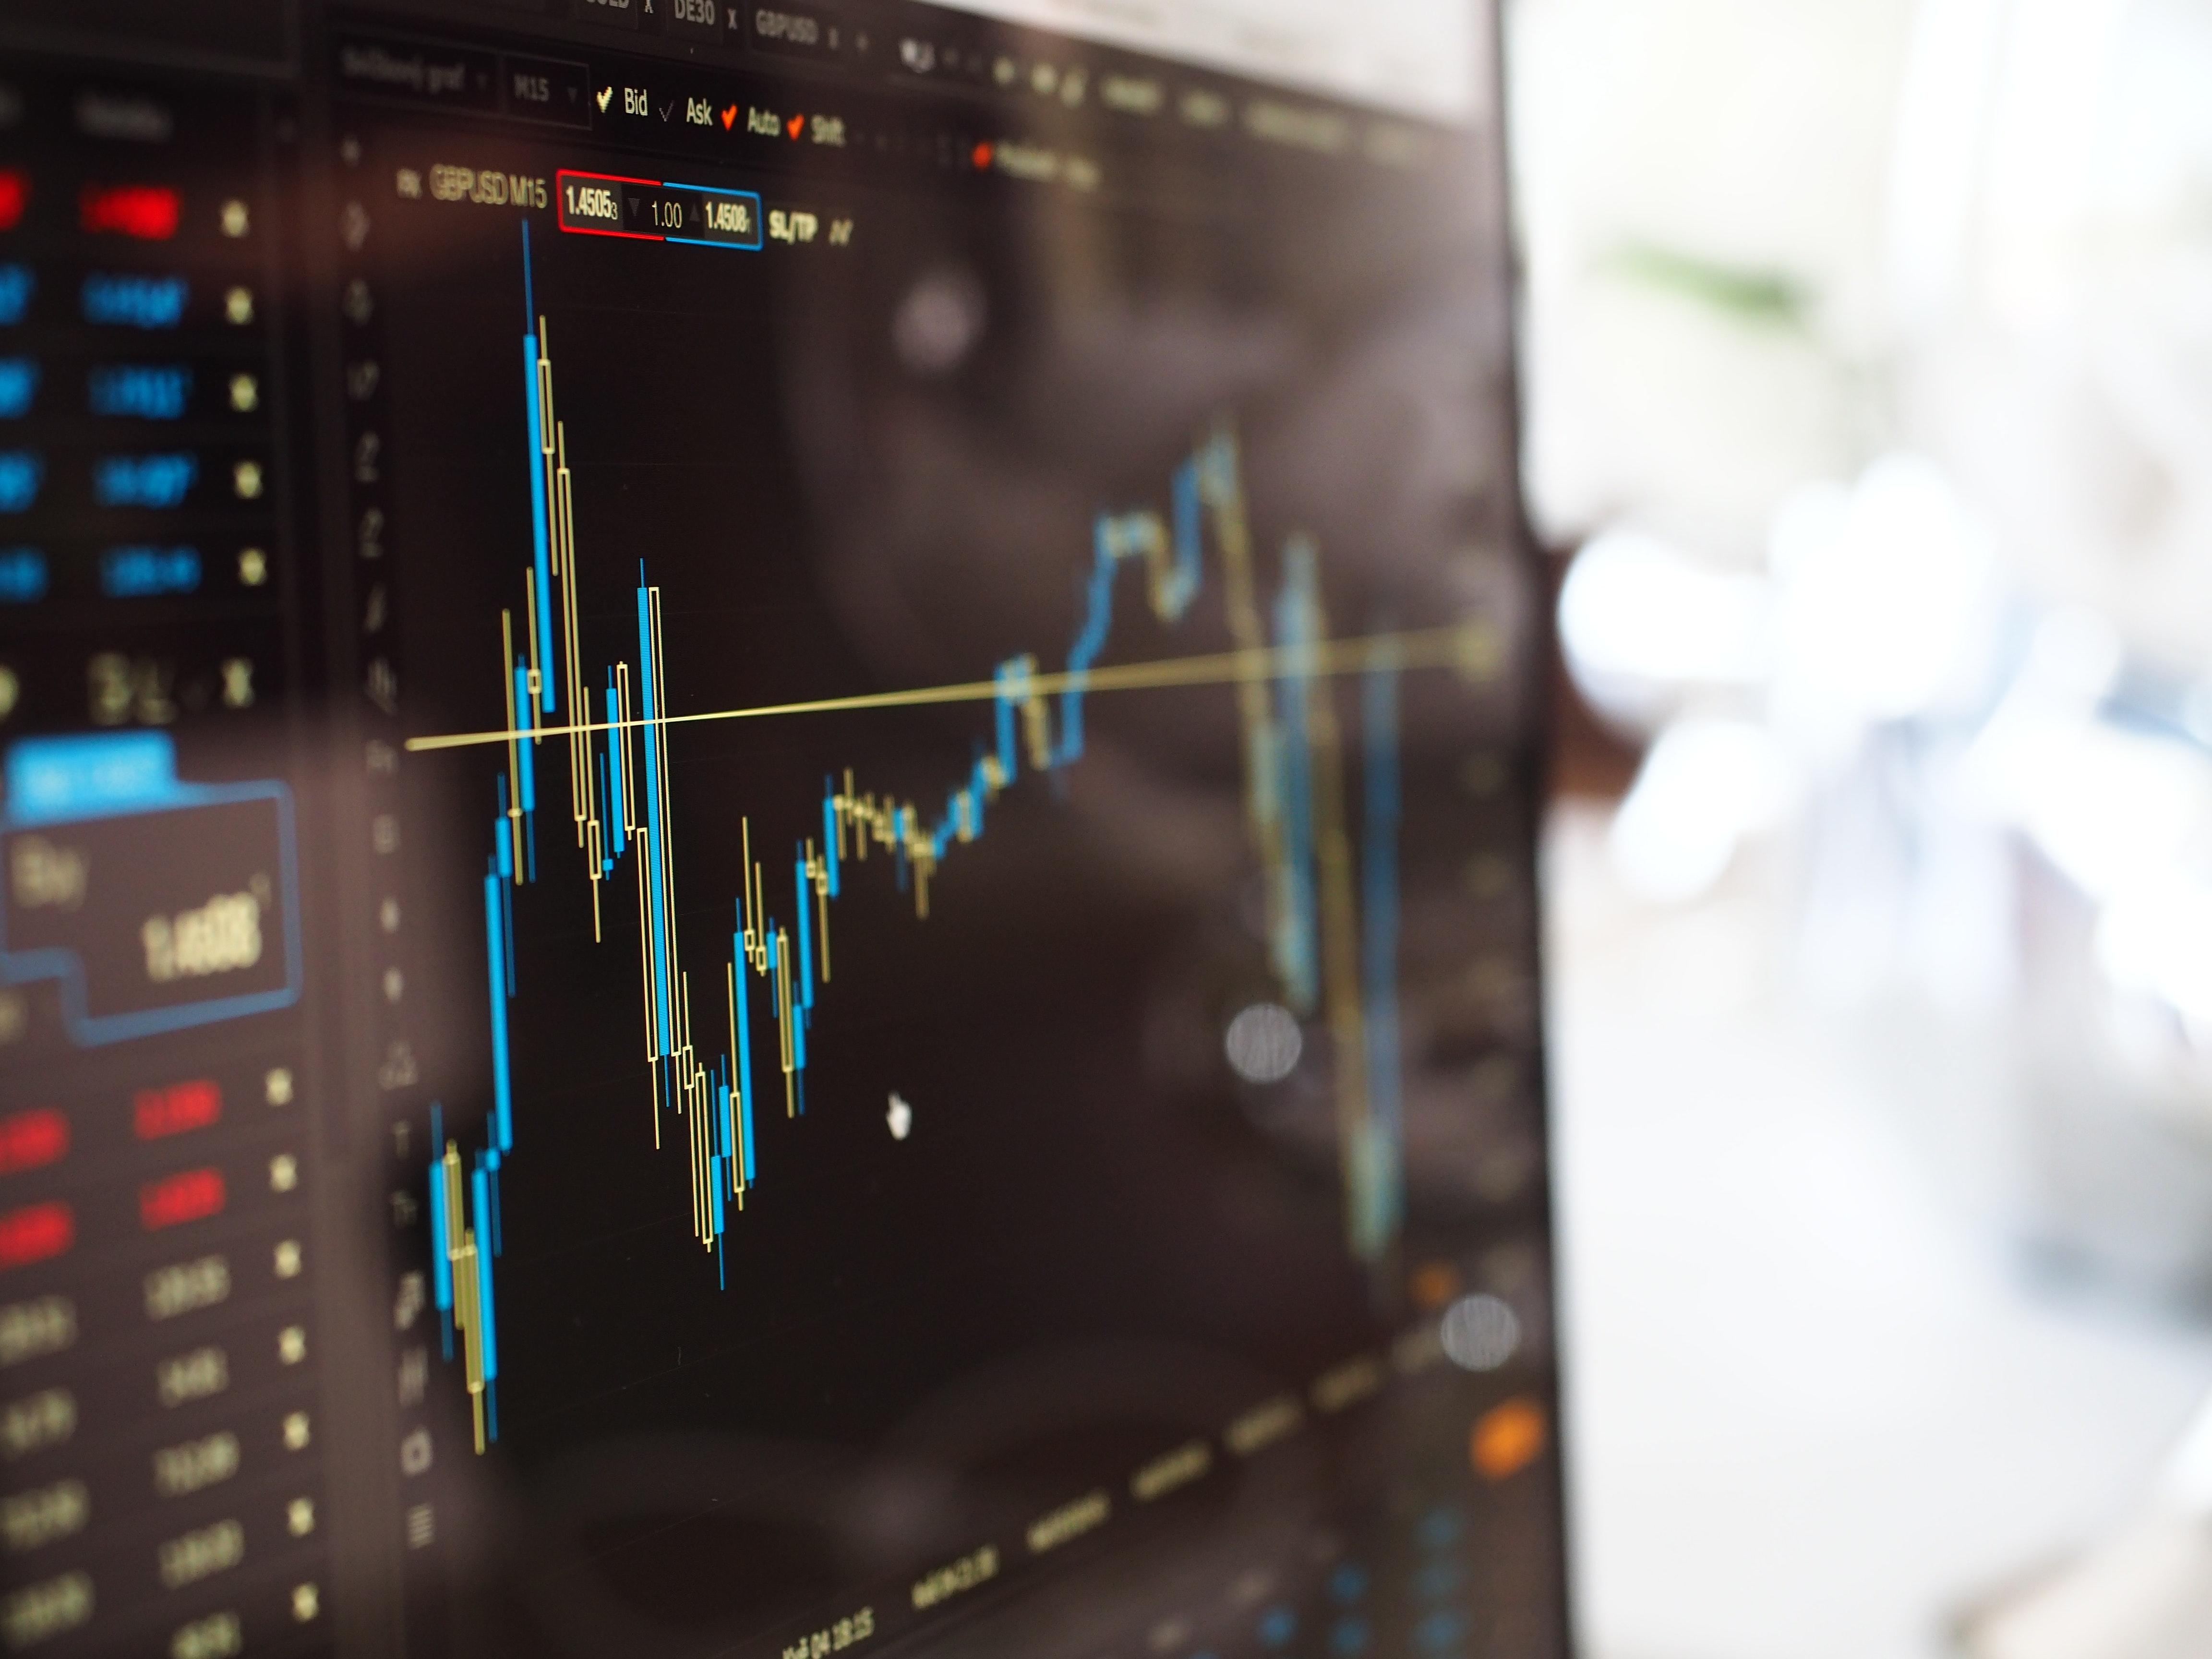 阿里巴巴股票怎么买(阿里巴巴股票跌了多少)